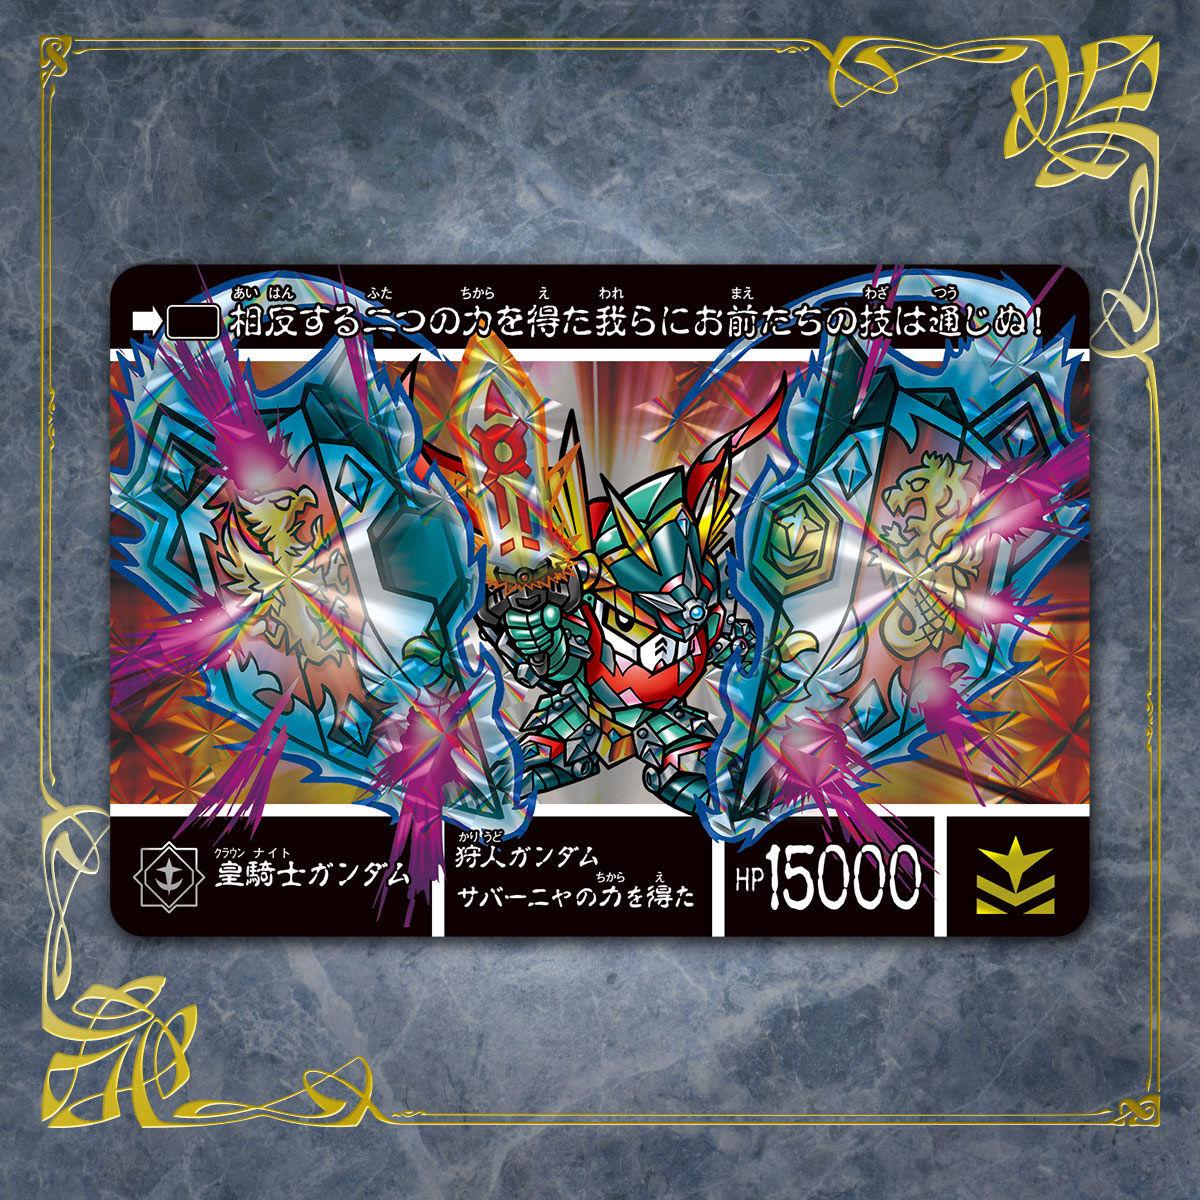 【限定販売】新約SDガンダム外伝『創世超竜譚 奇跡の二大超越竜皇』カードダス-004